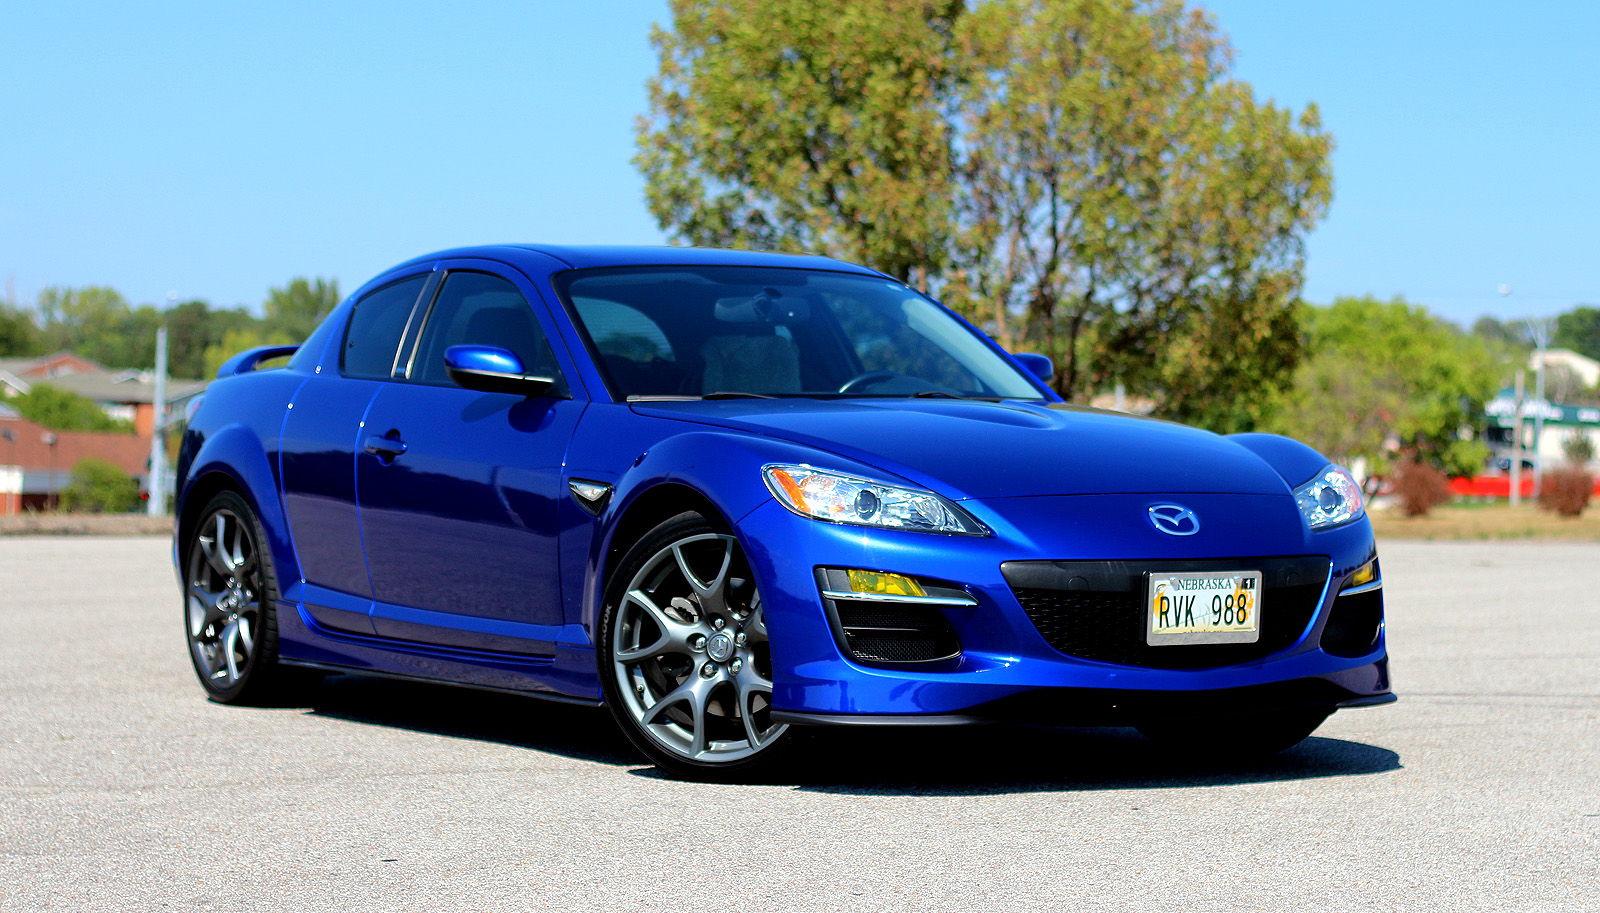 Fs 2009 Mazda Rx 8 R3 Mint Rare Low Miles Rx8club Com